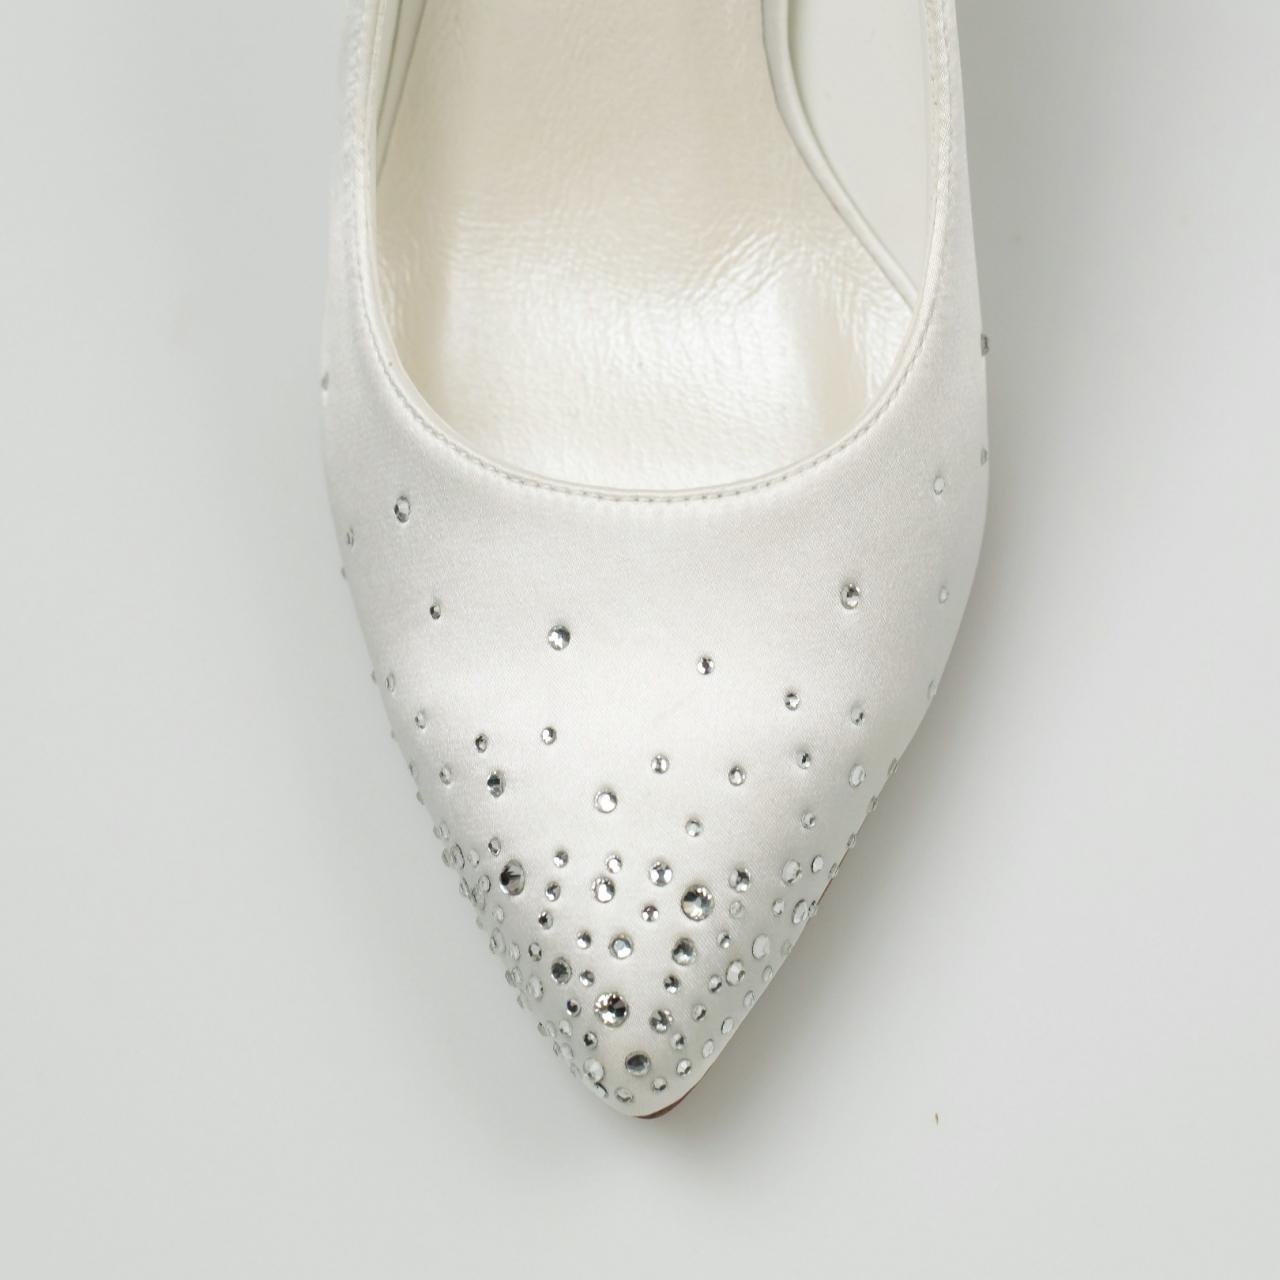 Svadobné topánky Gemma - Obrázok č. 3